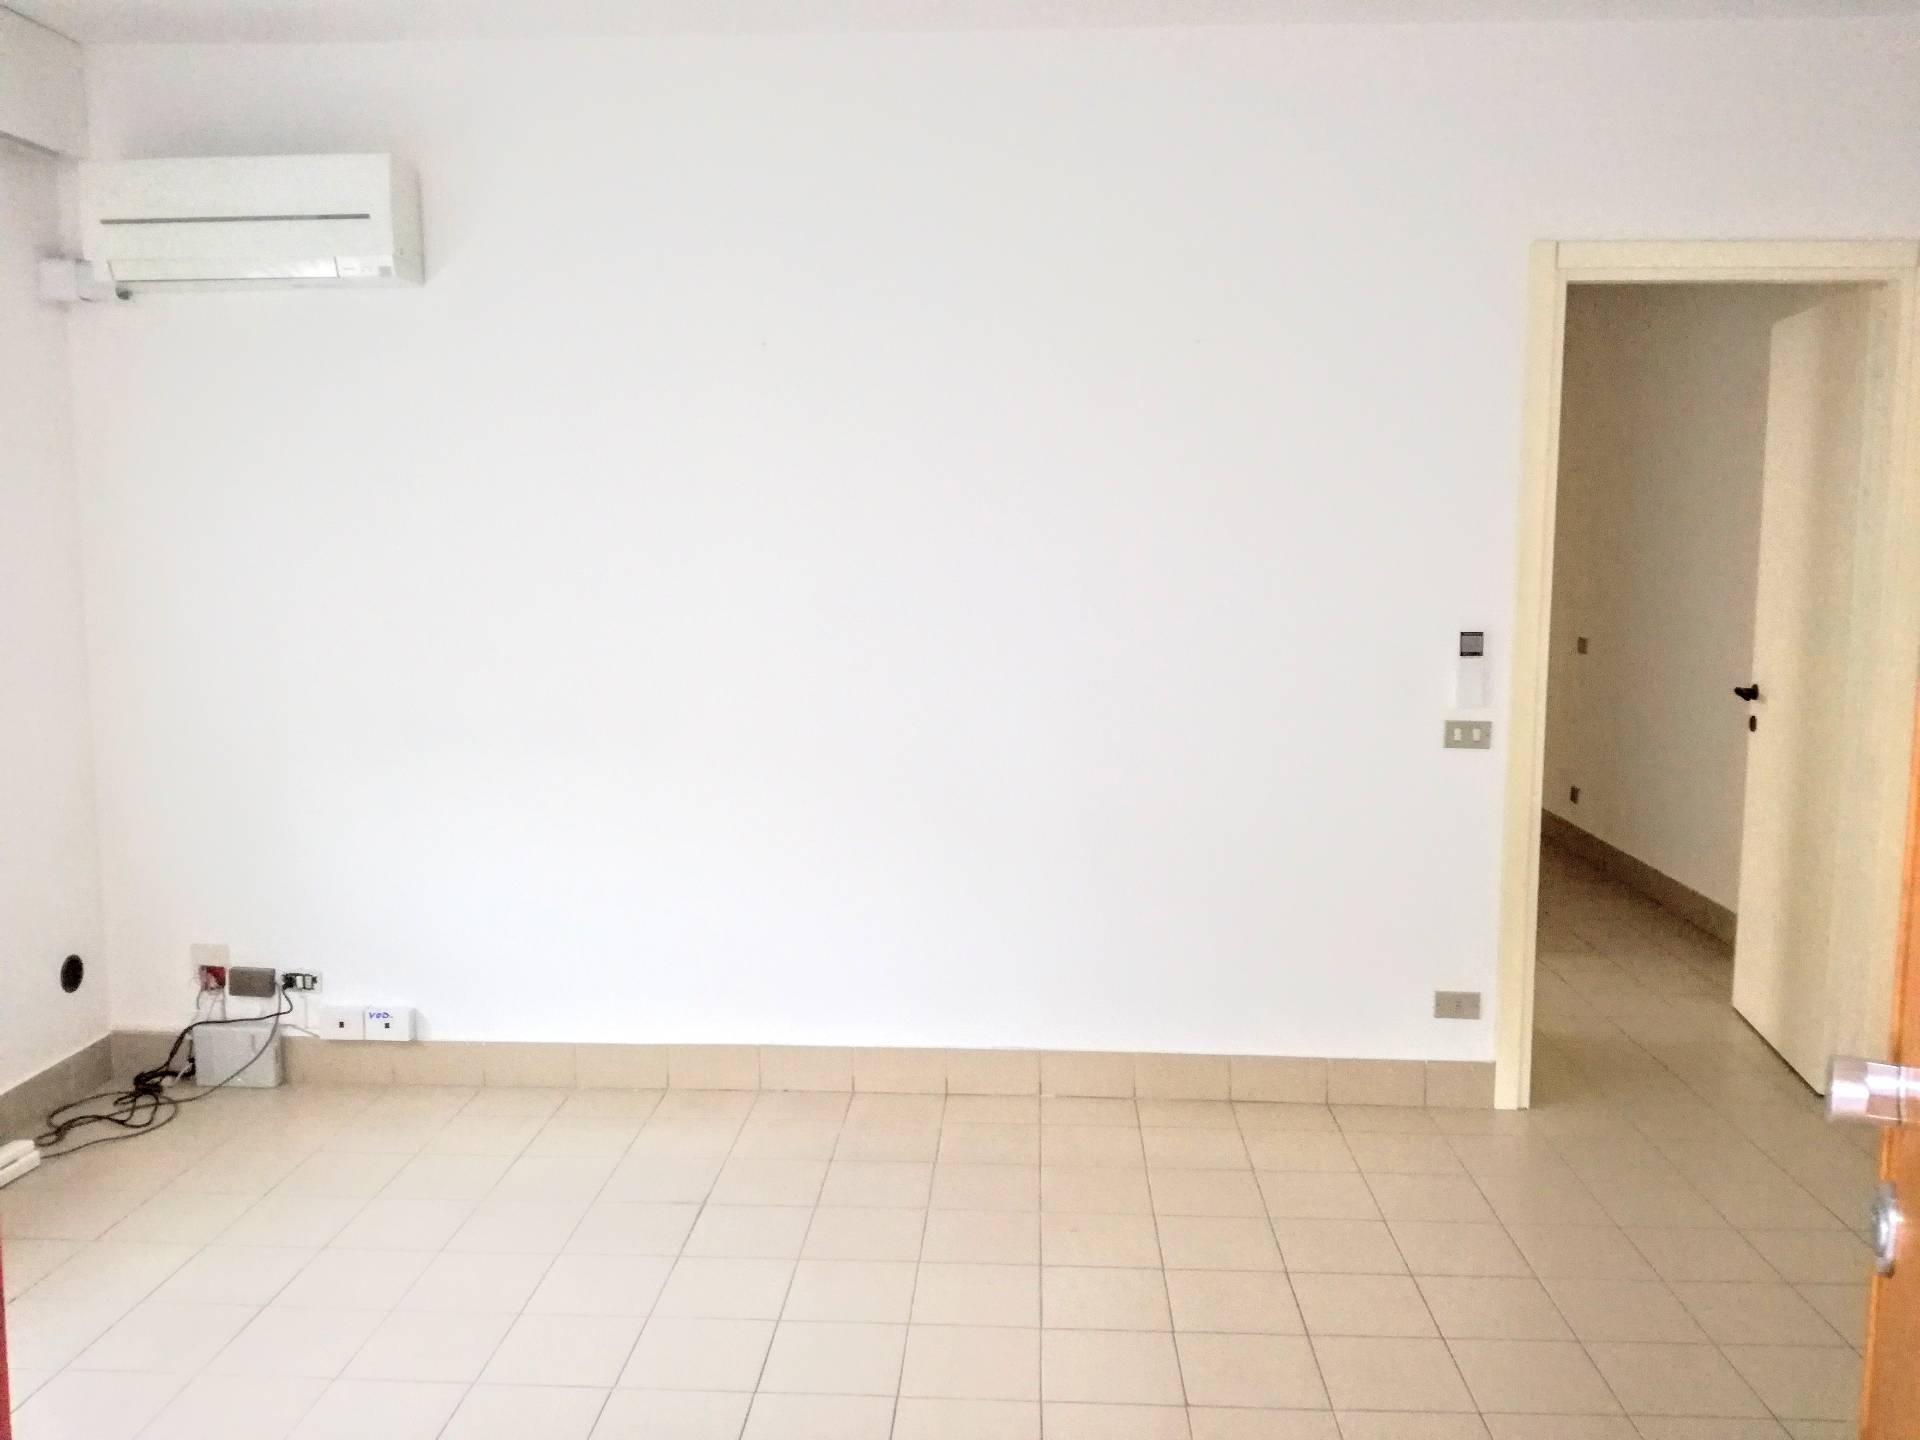 Ufficio / Studio in vendita a Casale Monferrato, 9999 locali, prezzo € 29.000 | CambioCasa.it